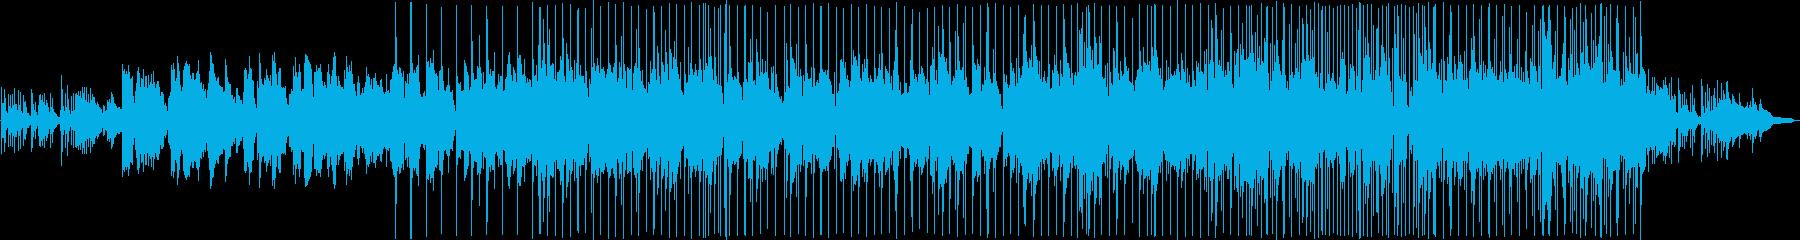 優しい雰囲気のバラード8の再生済みの波形